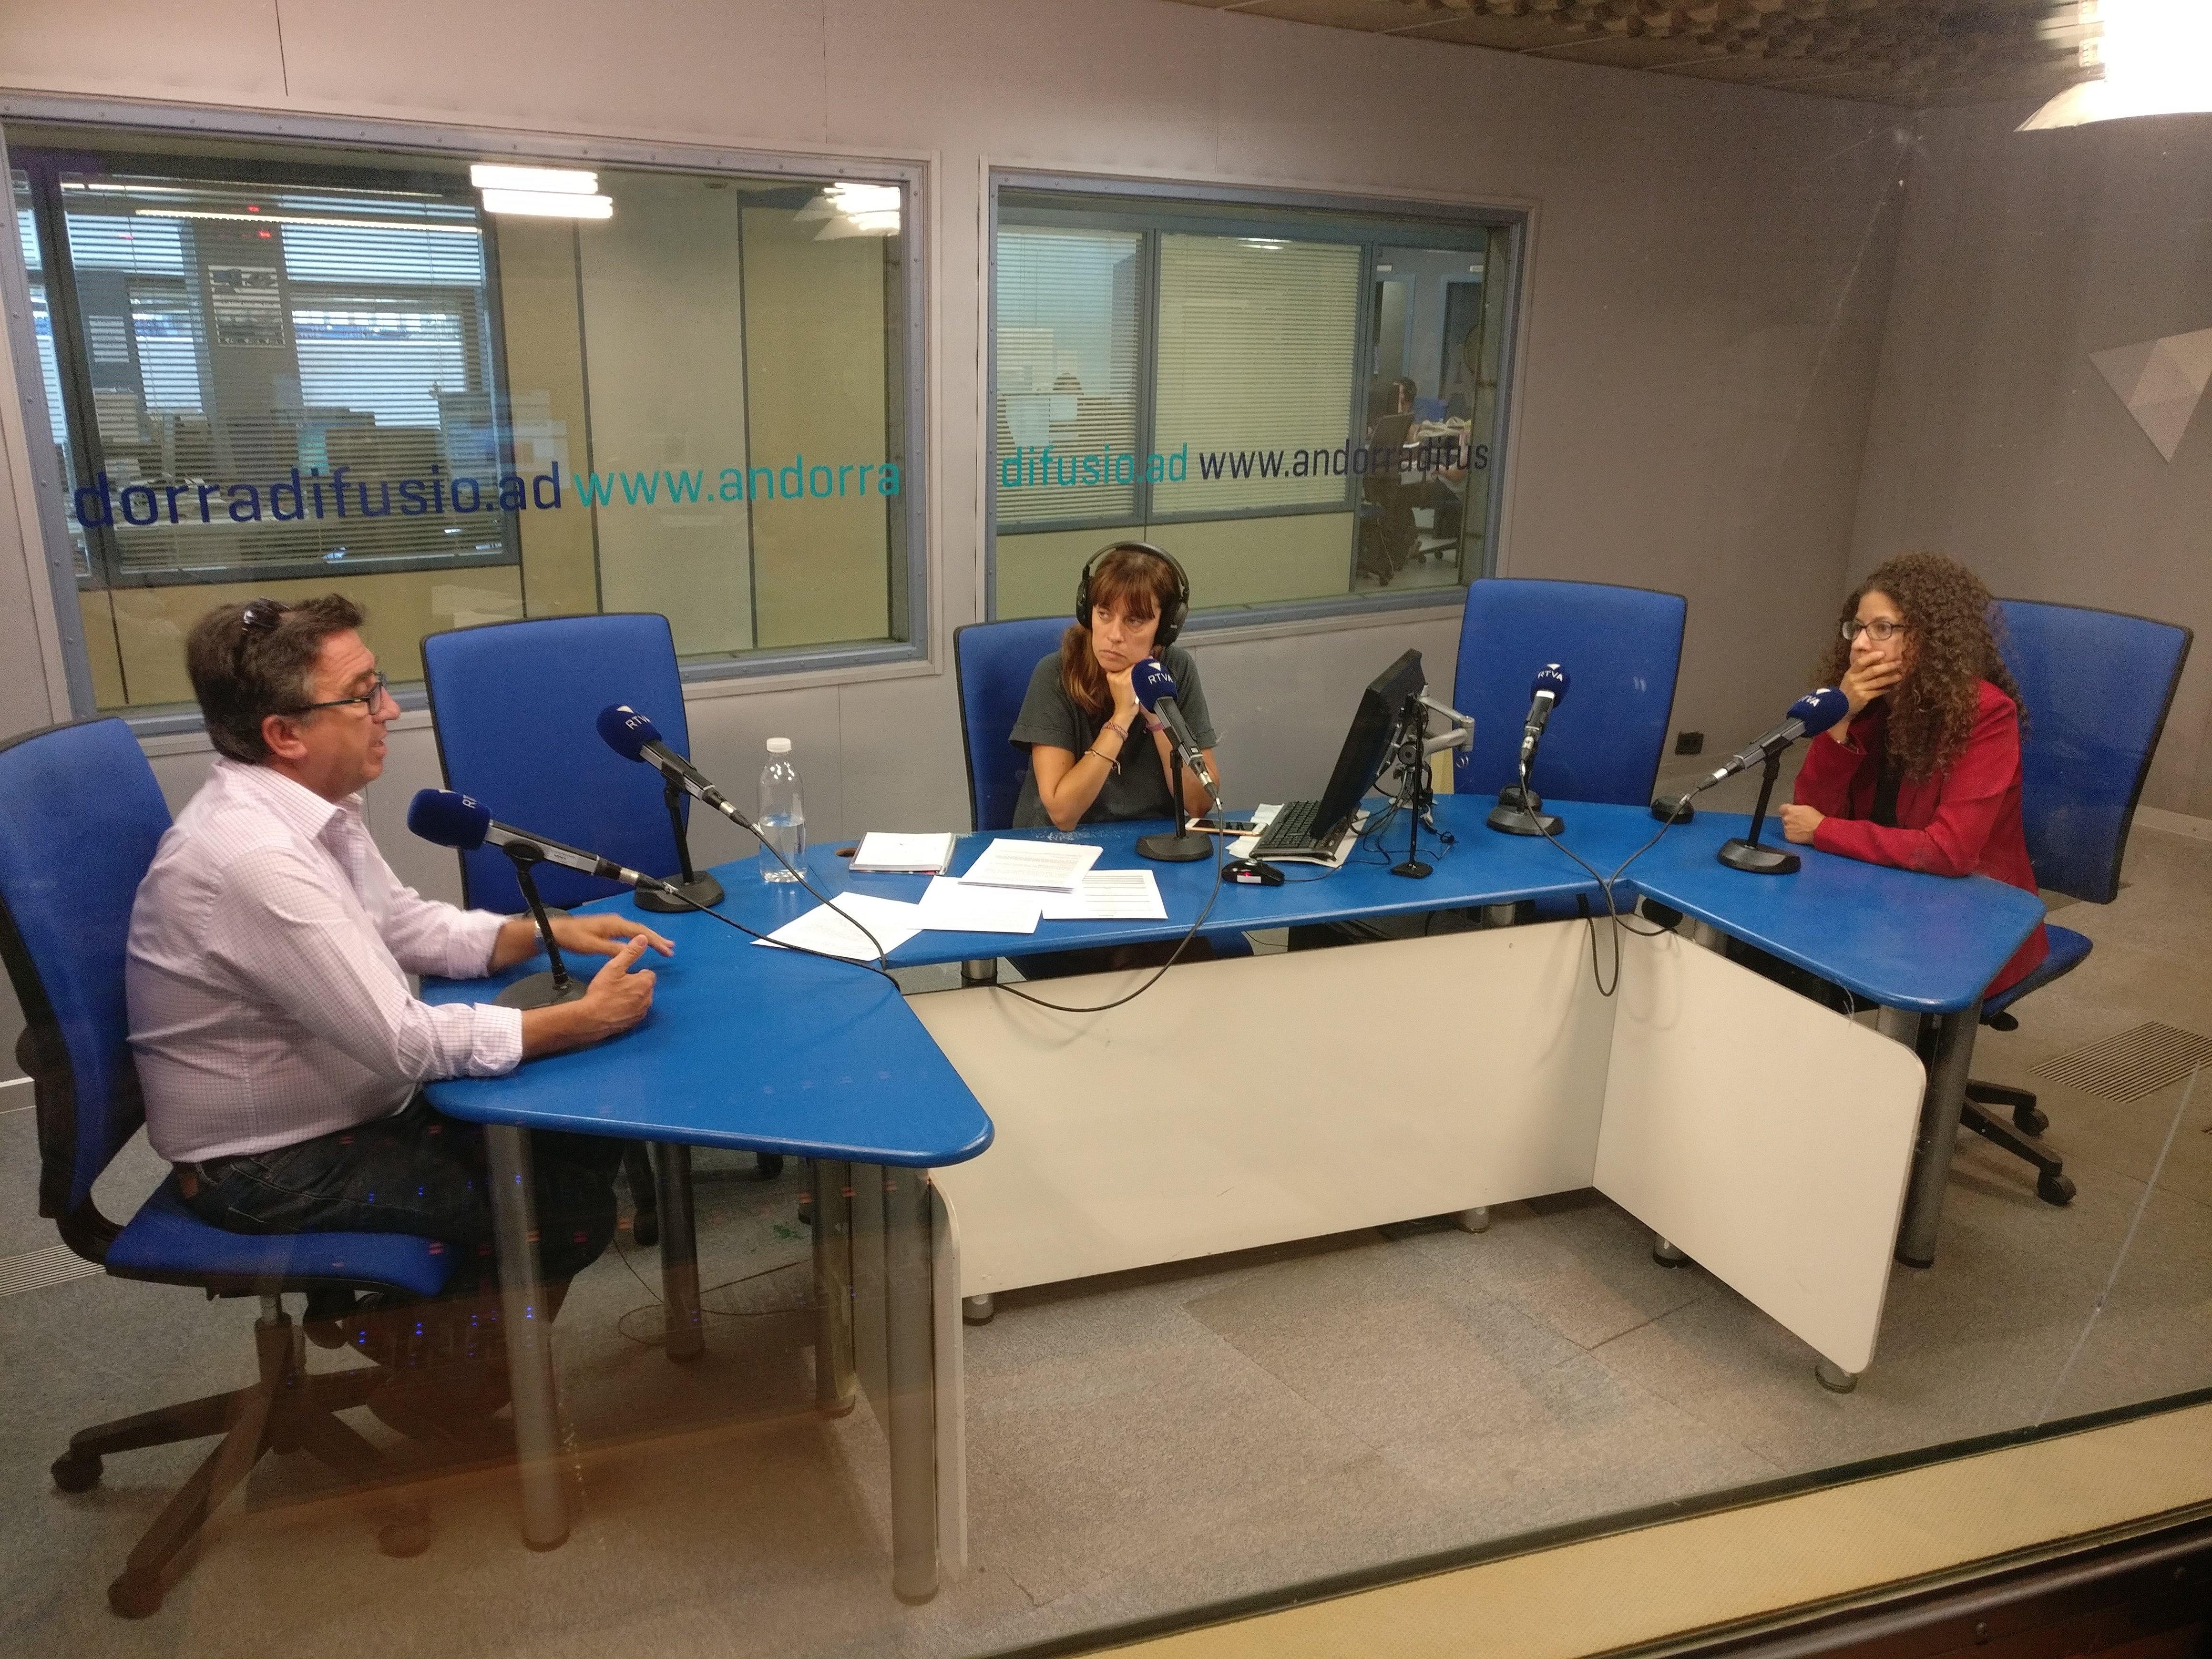 Tertúlia amb Patrícia Bragança i Josep Maria Cucalón 20 de setembre del 2018